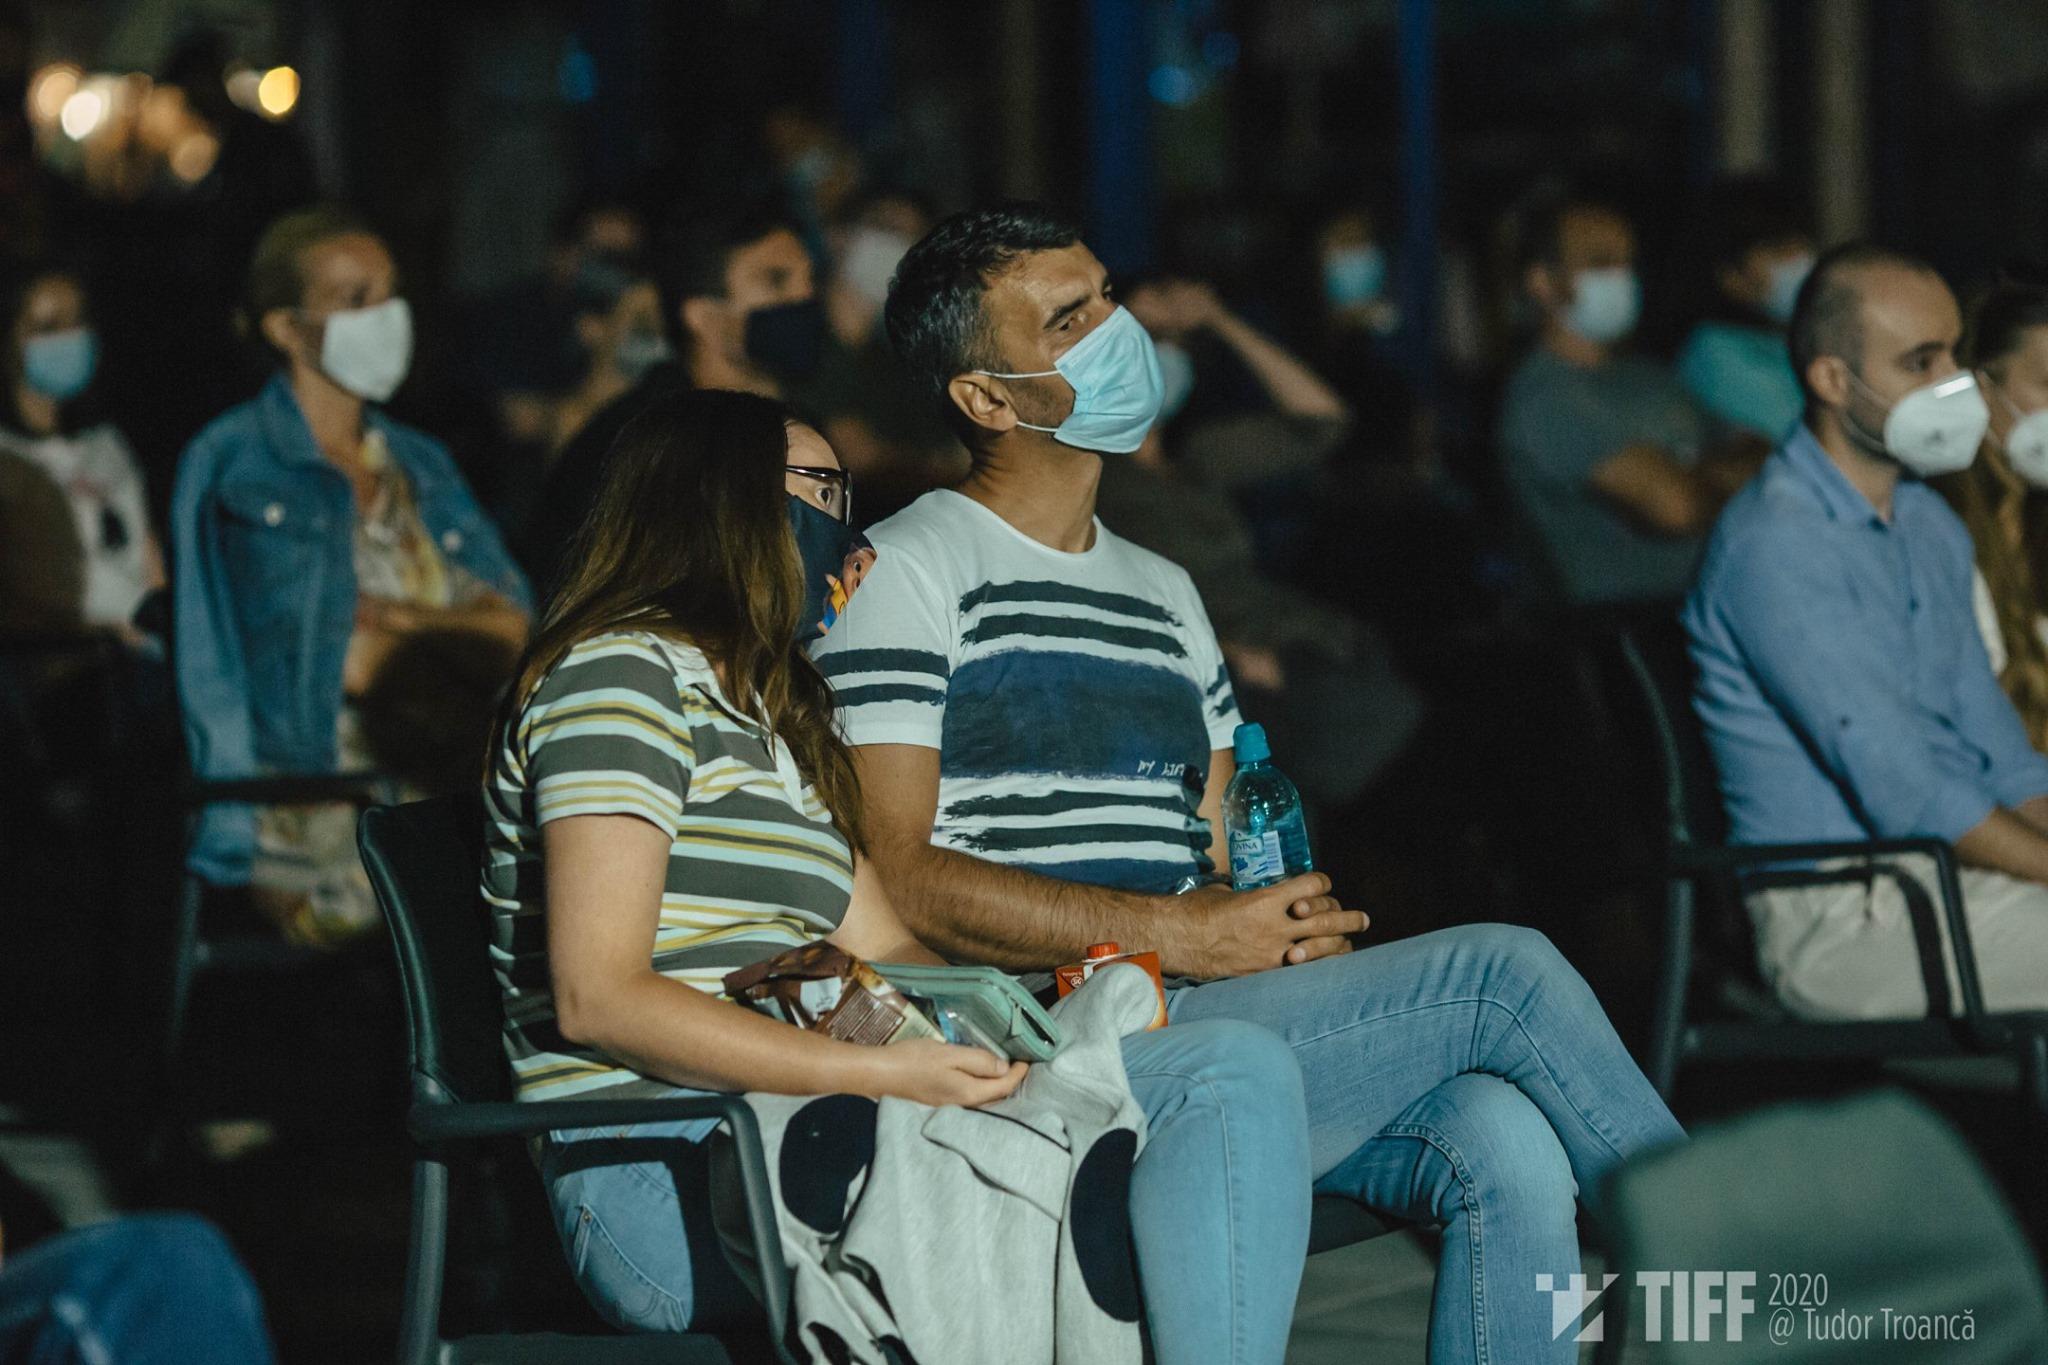 Oamenii au văzut filmul Colectiv la TIFF Sibiu 2020 (foto credit Tudor Troancă)